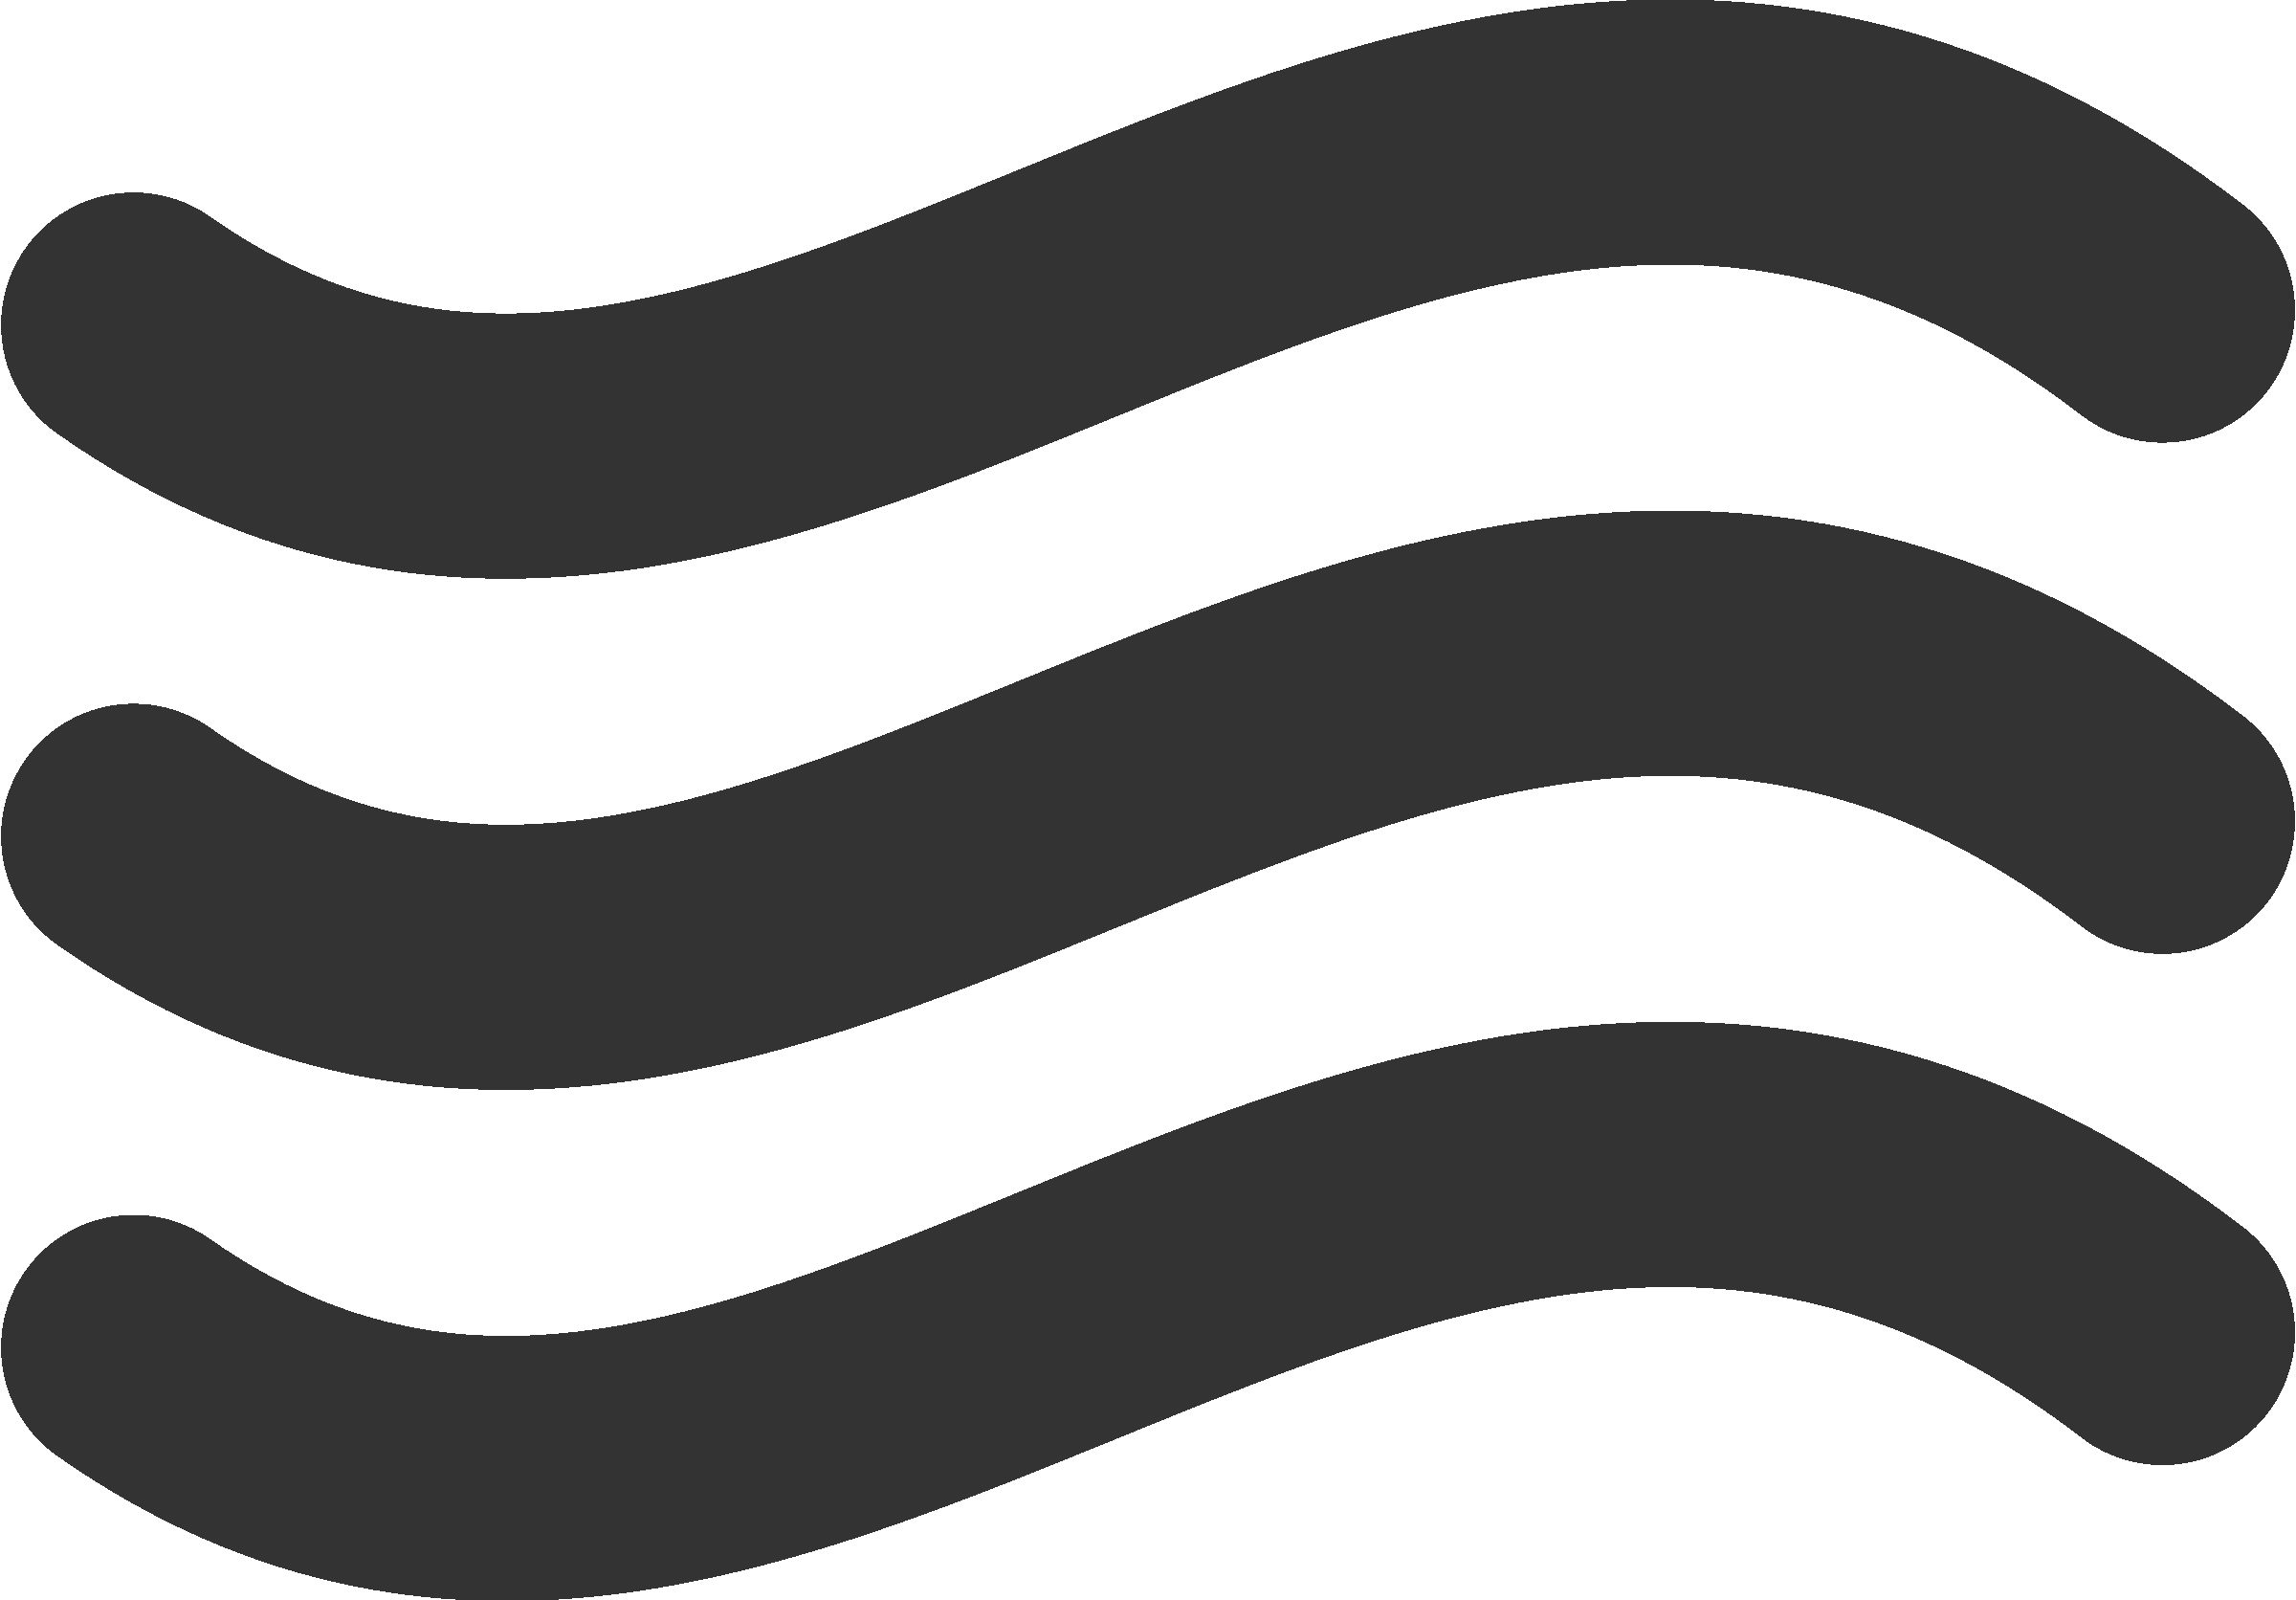 spot-casa-suica-brasil-kite-icon